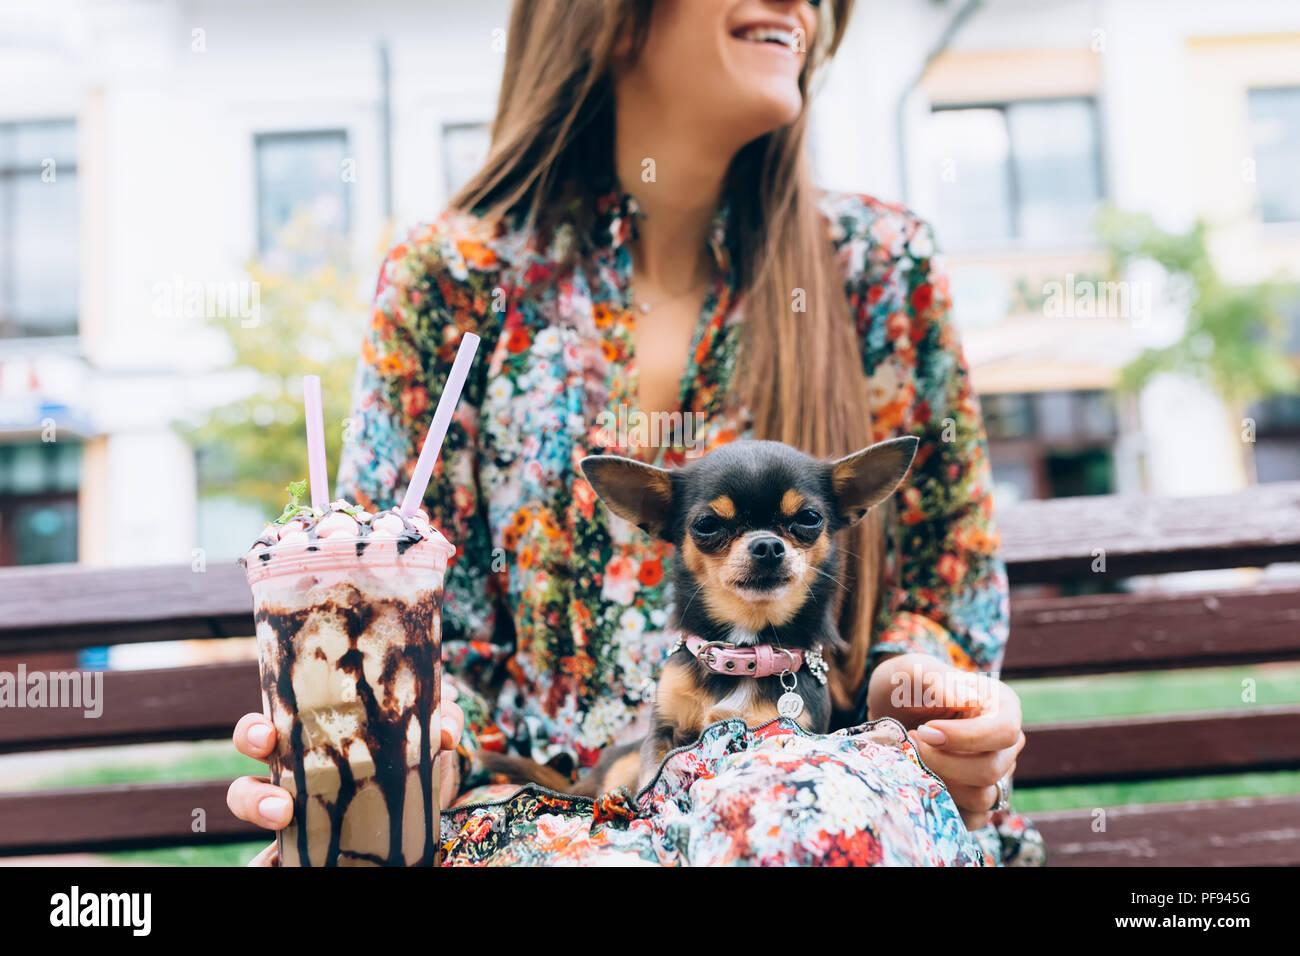 Junge Frau mit Sonnenbrille mit kleinen Welpen. Outdoor Lifestyle Portrait von stilvollen ziemlich lächelnd weibliche und Ihren kleinen Hund. Stockbild